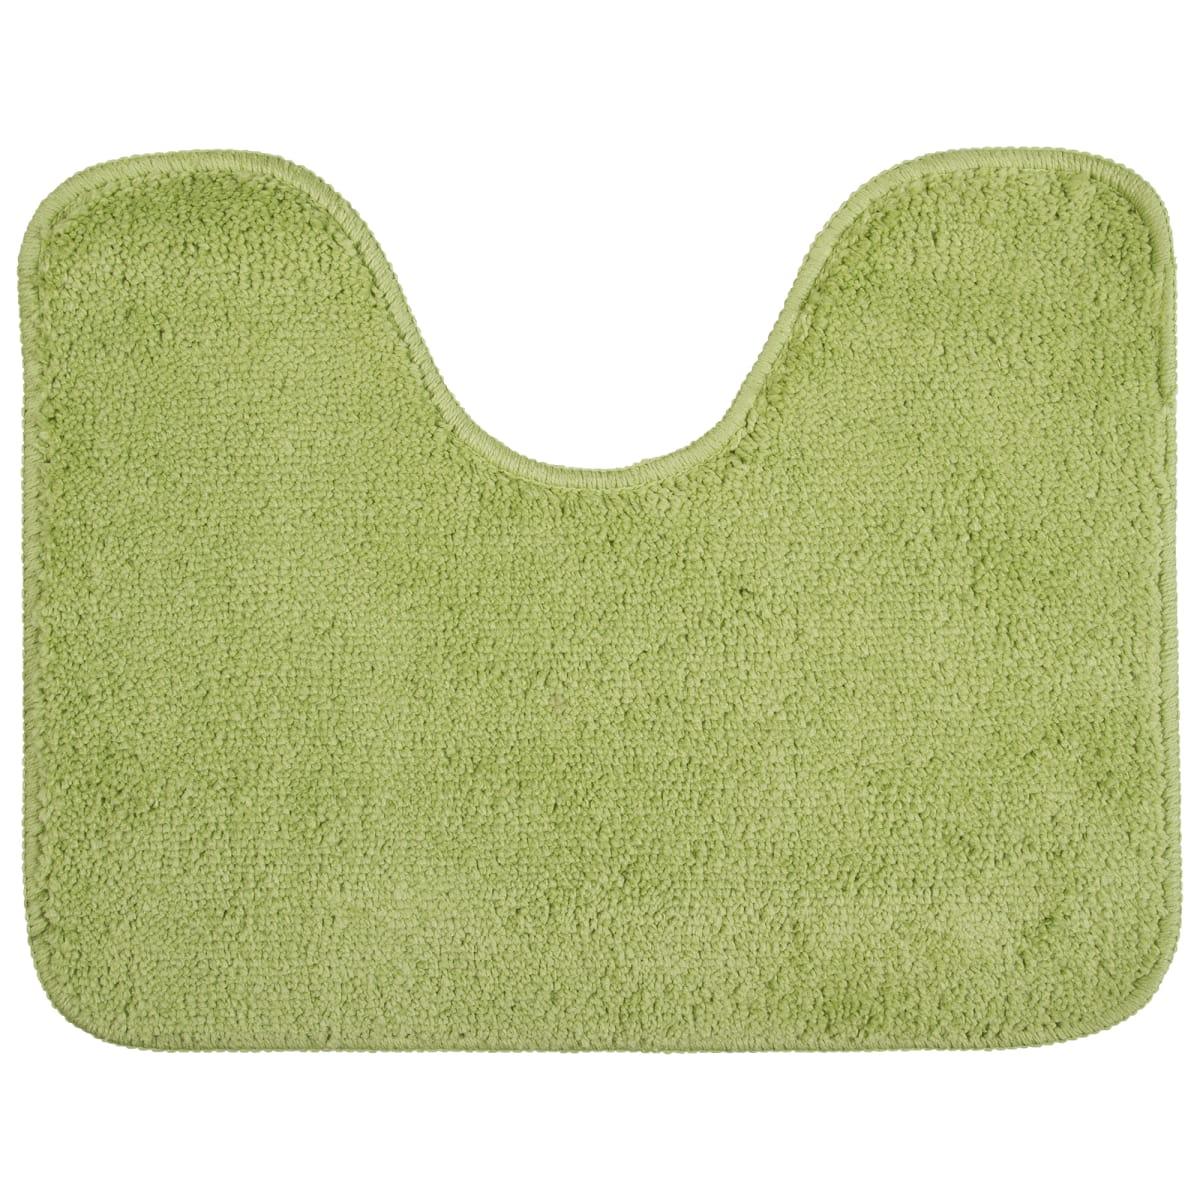 Коврик для туалета Sensea Lounge №3, 50х40 см, микрофибра, цвет зелёный